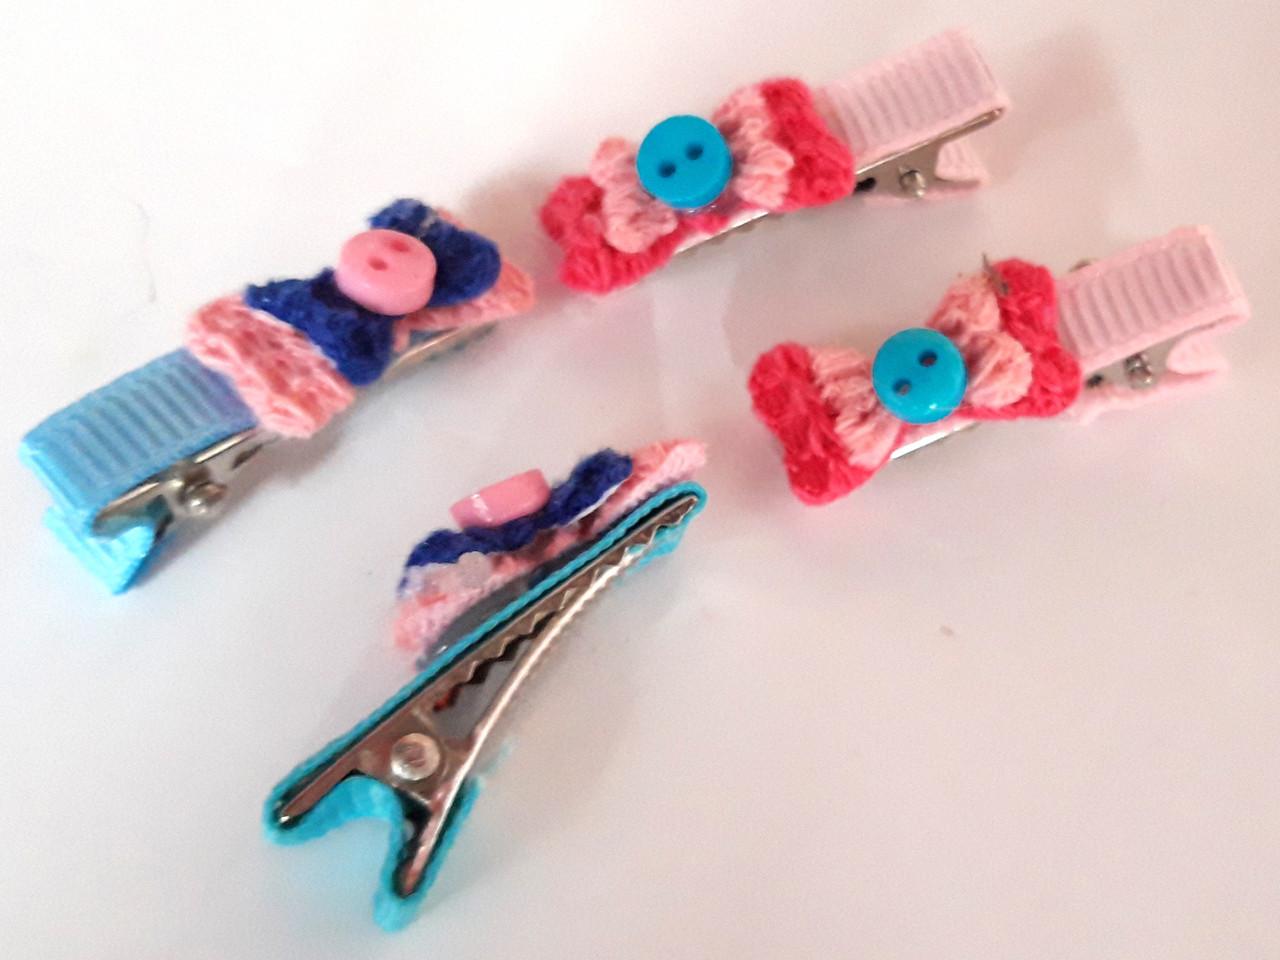 Детские заколки-крокодил 4 шт маленькие 3 см розовые и голубые